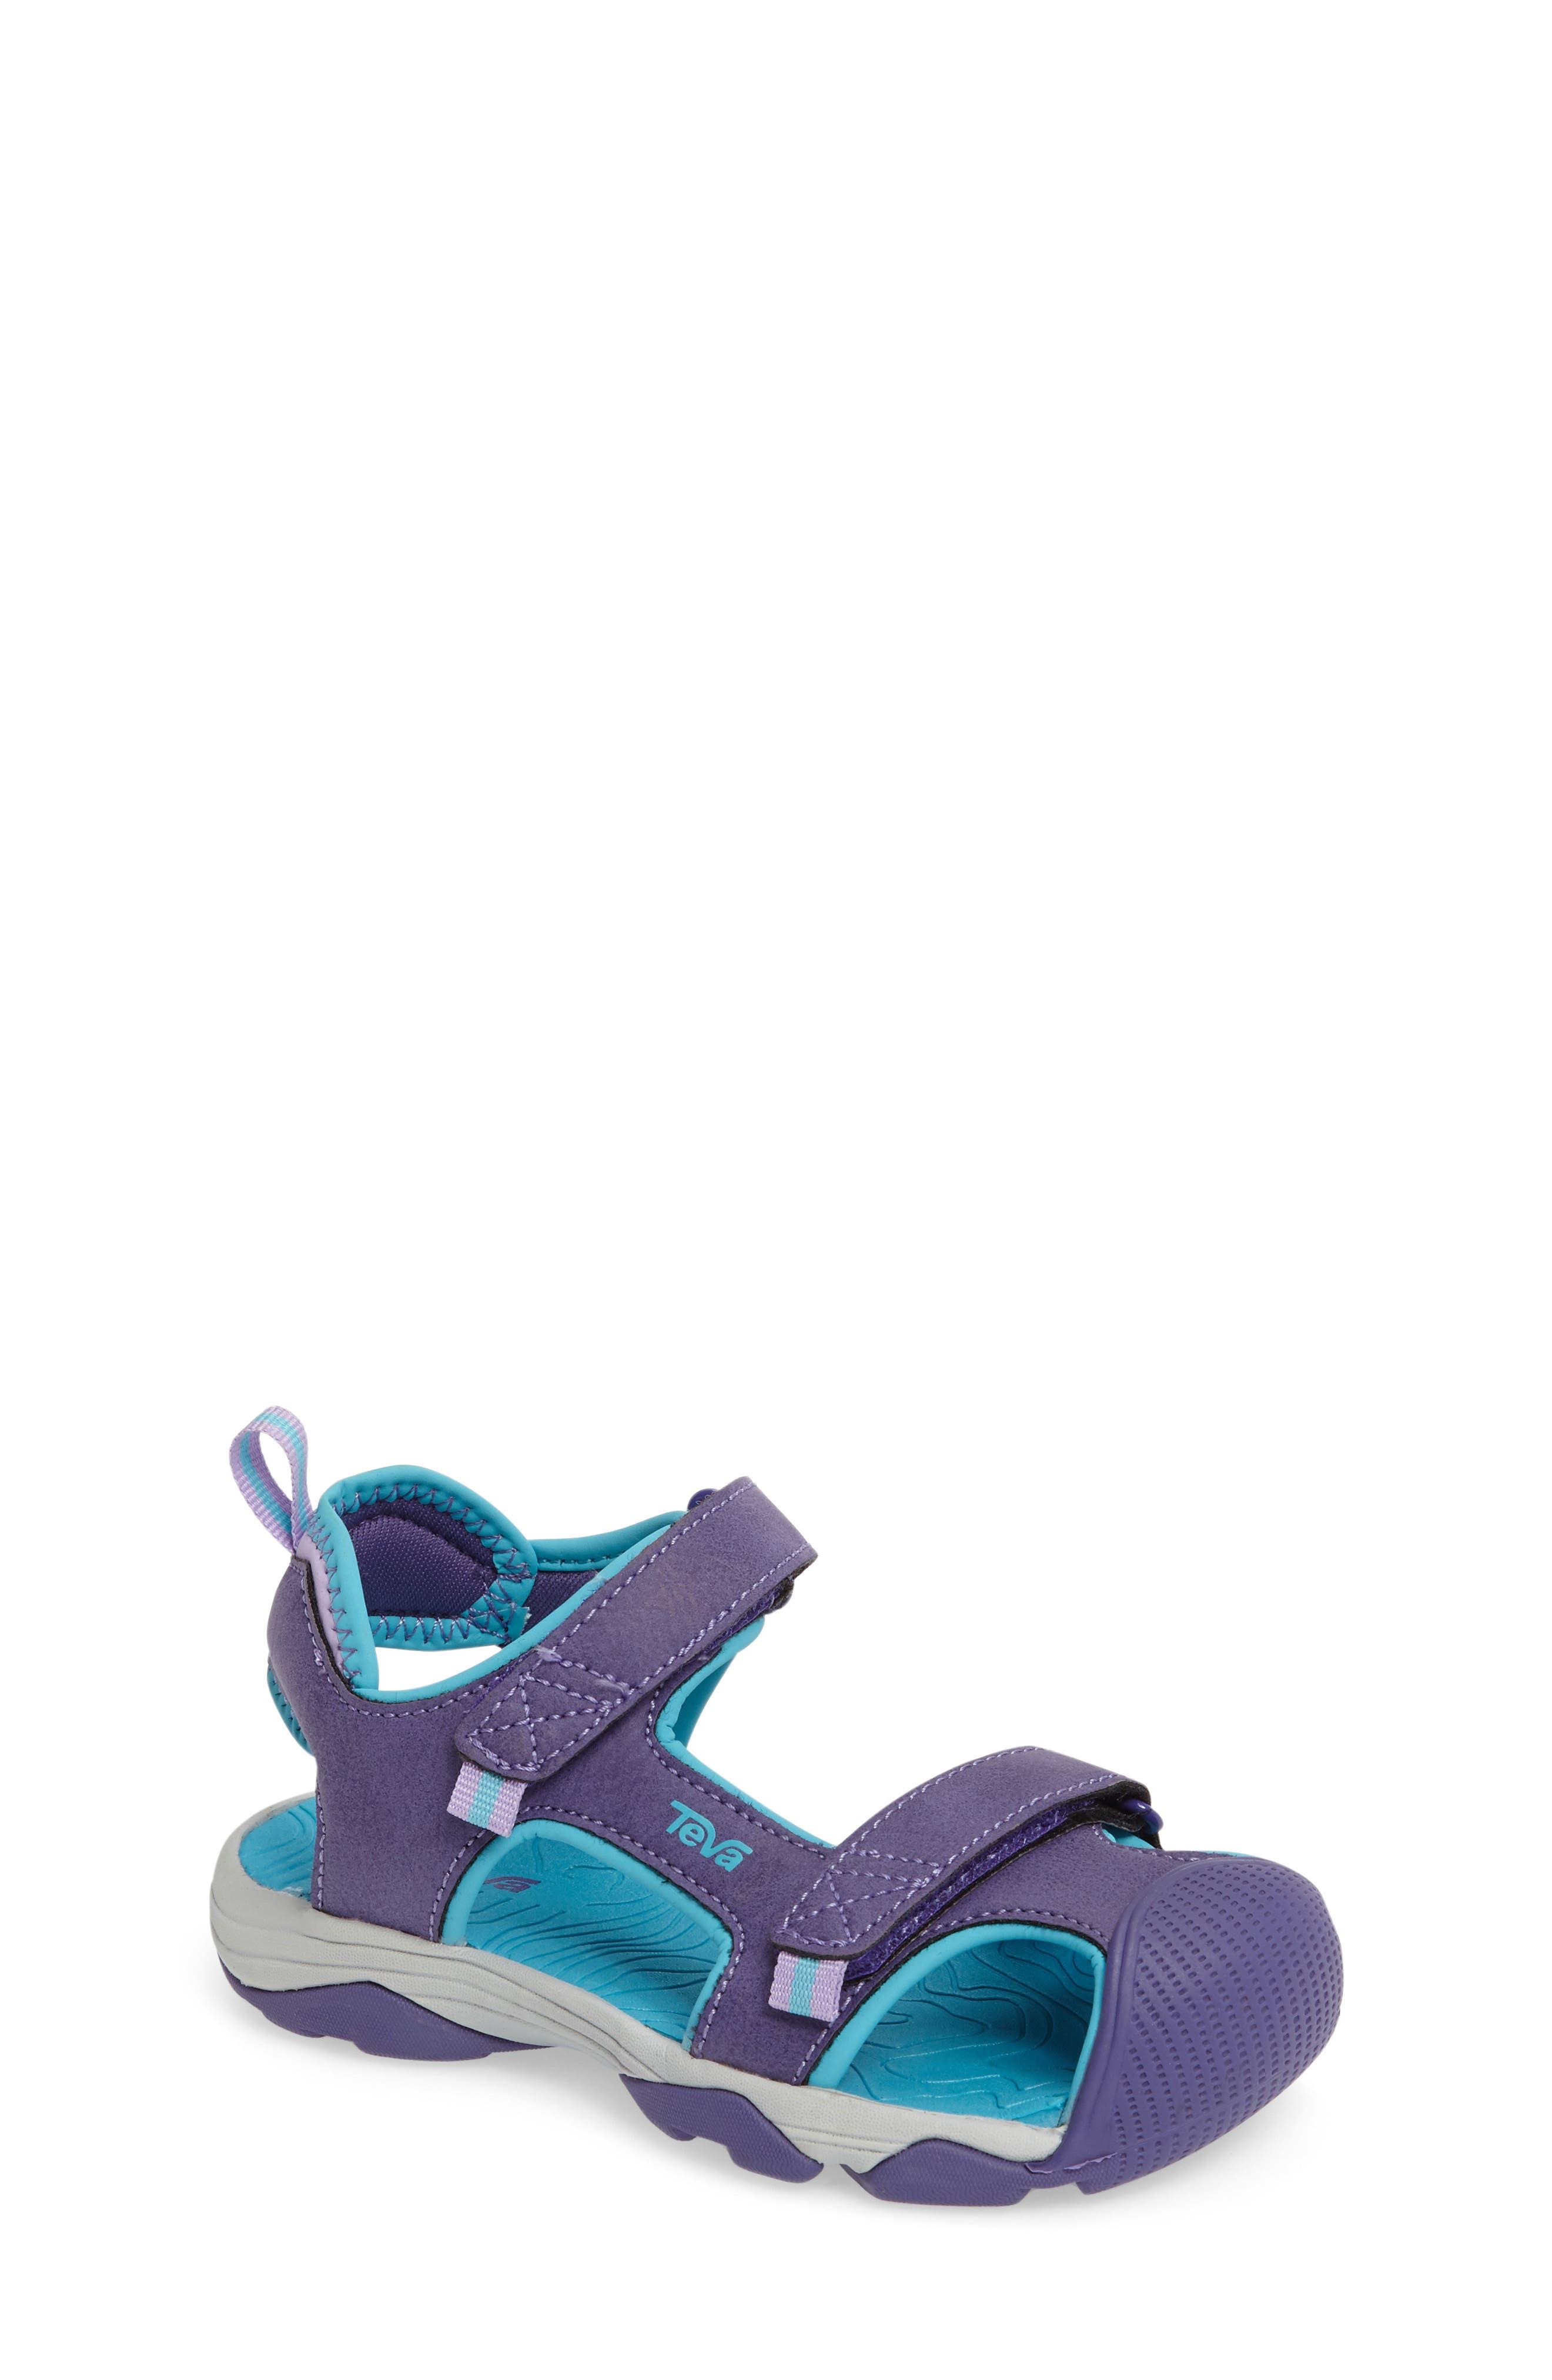 Toachi 4 Sport Sandal,                             Main thumbnail 1, color,